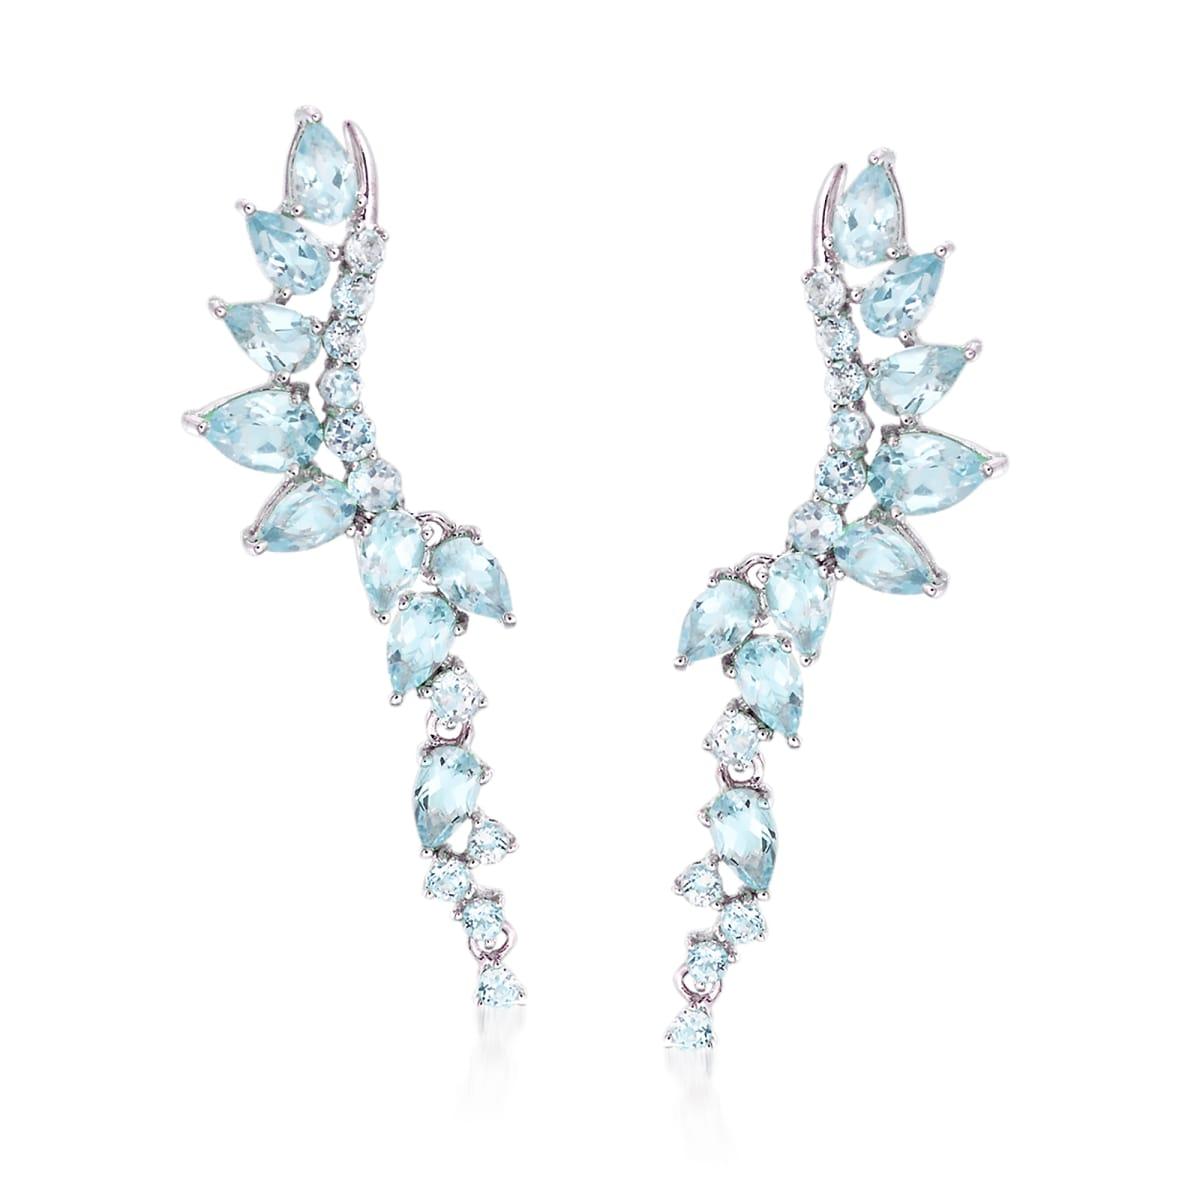 4.60 ct. t.w. Sky Blue Topaz Earrings in Sterling Silver | Ross-Simons